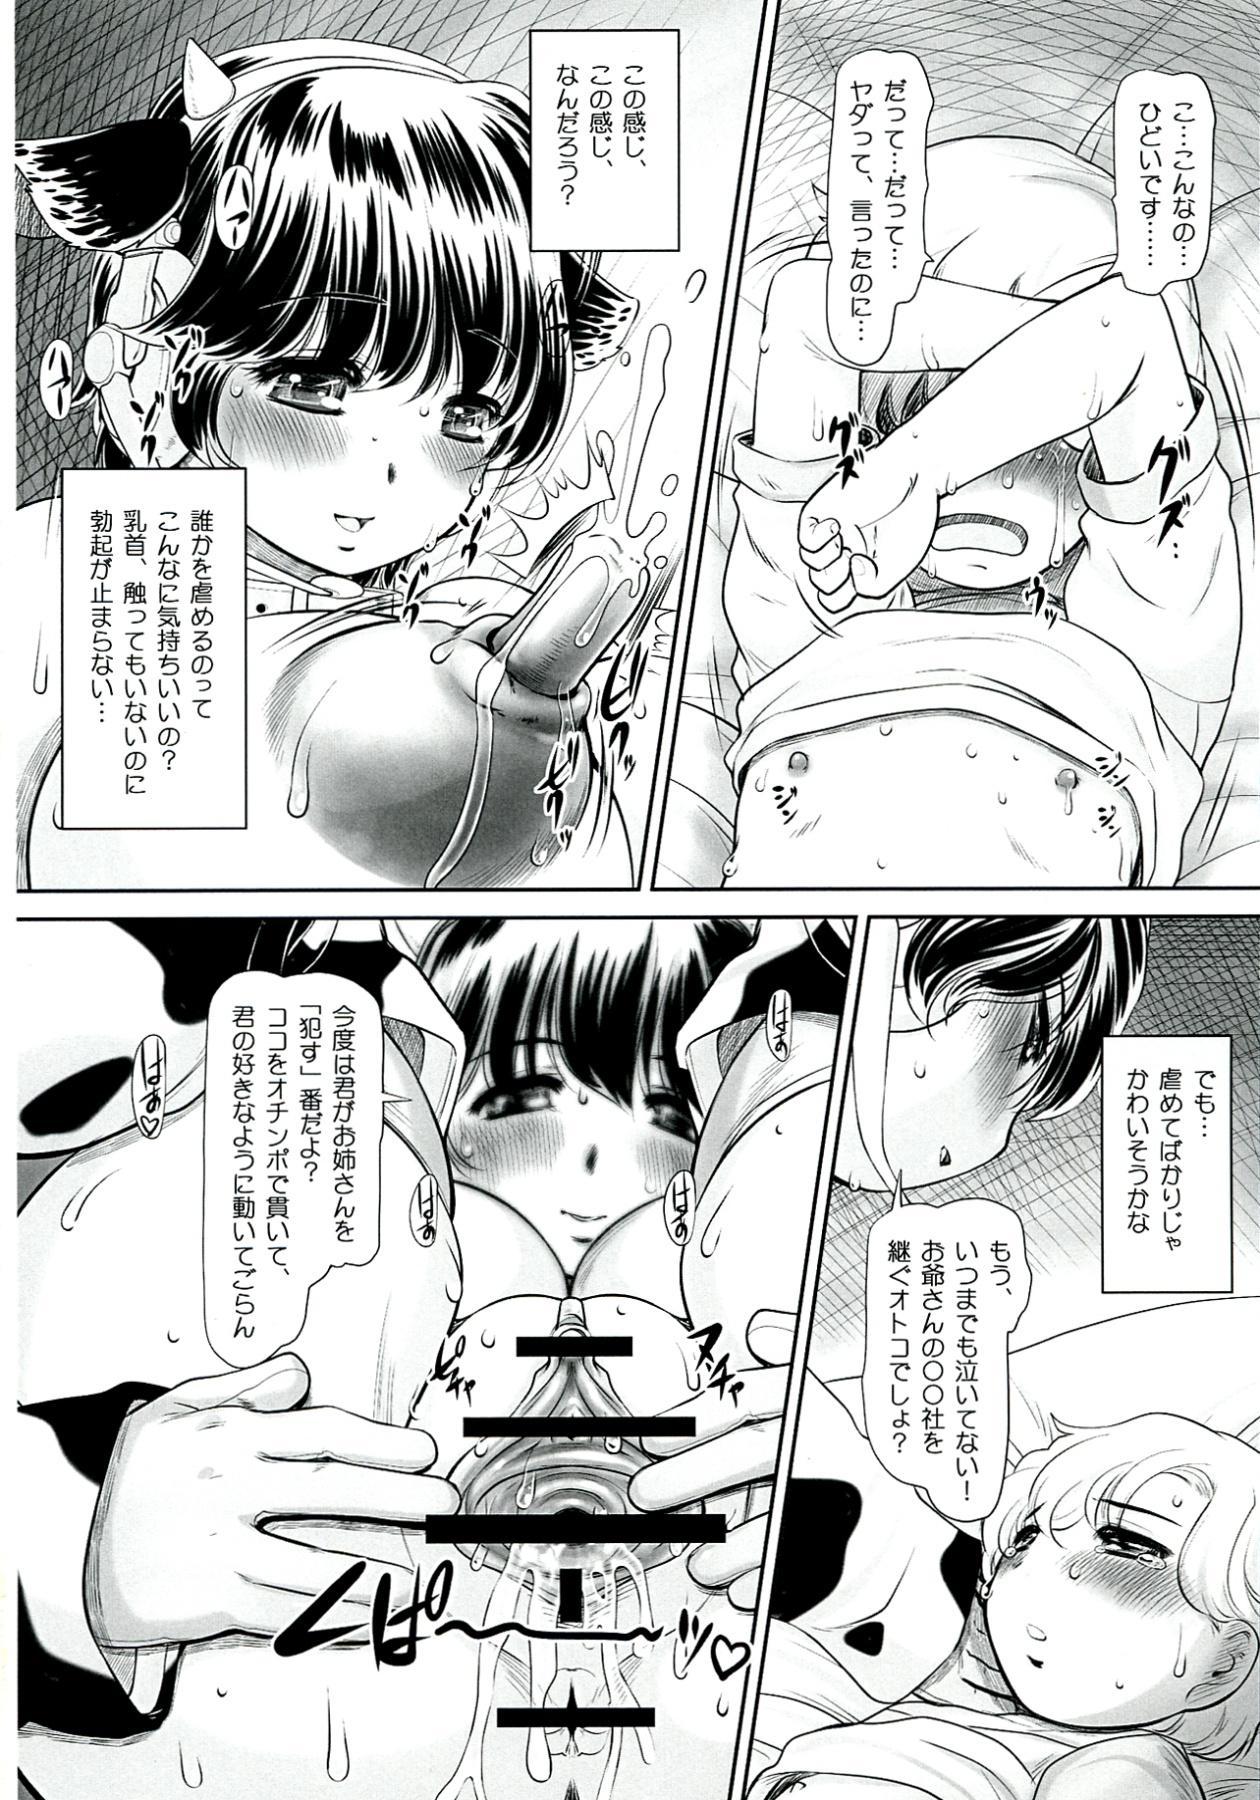 Sakunyuu Otome 15